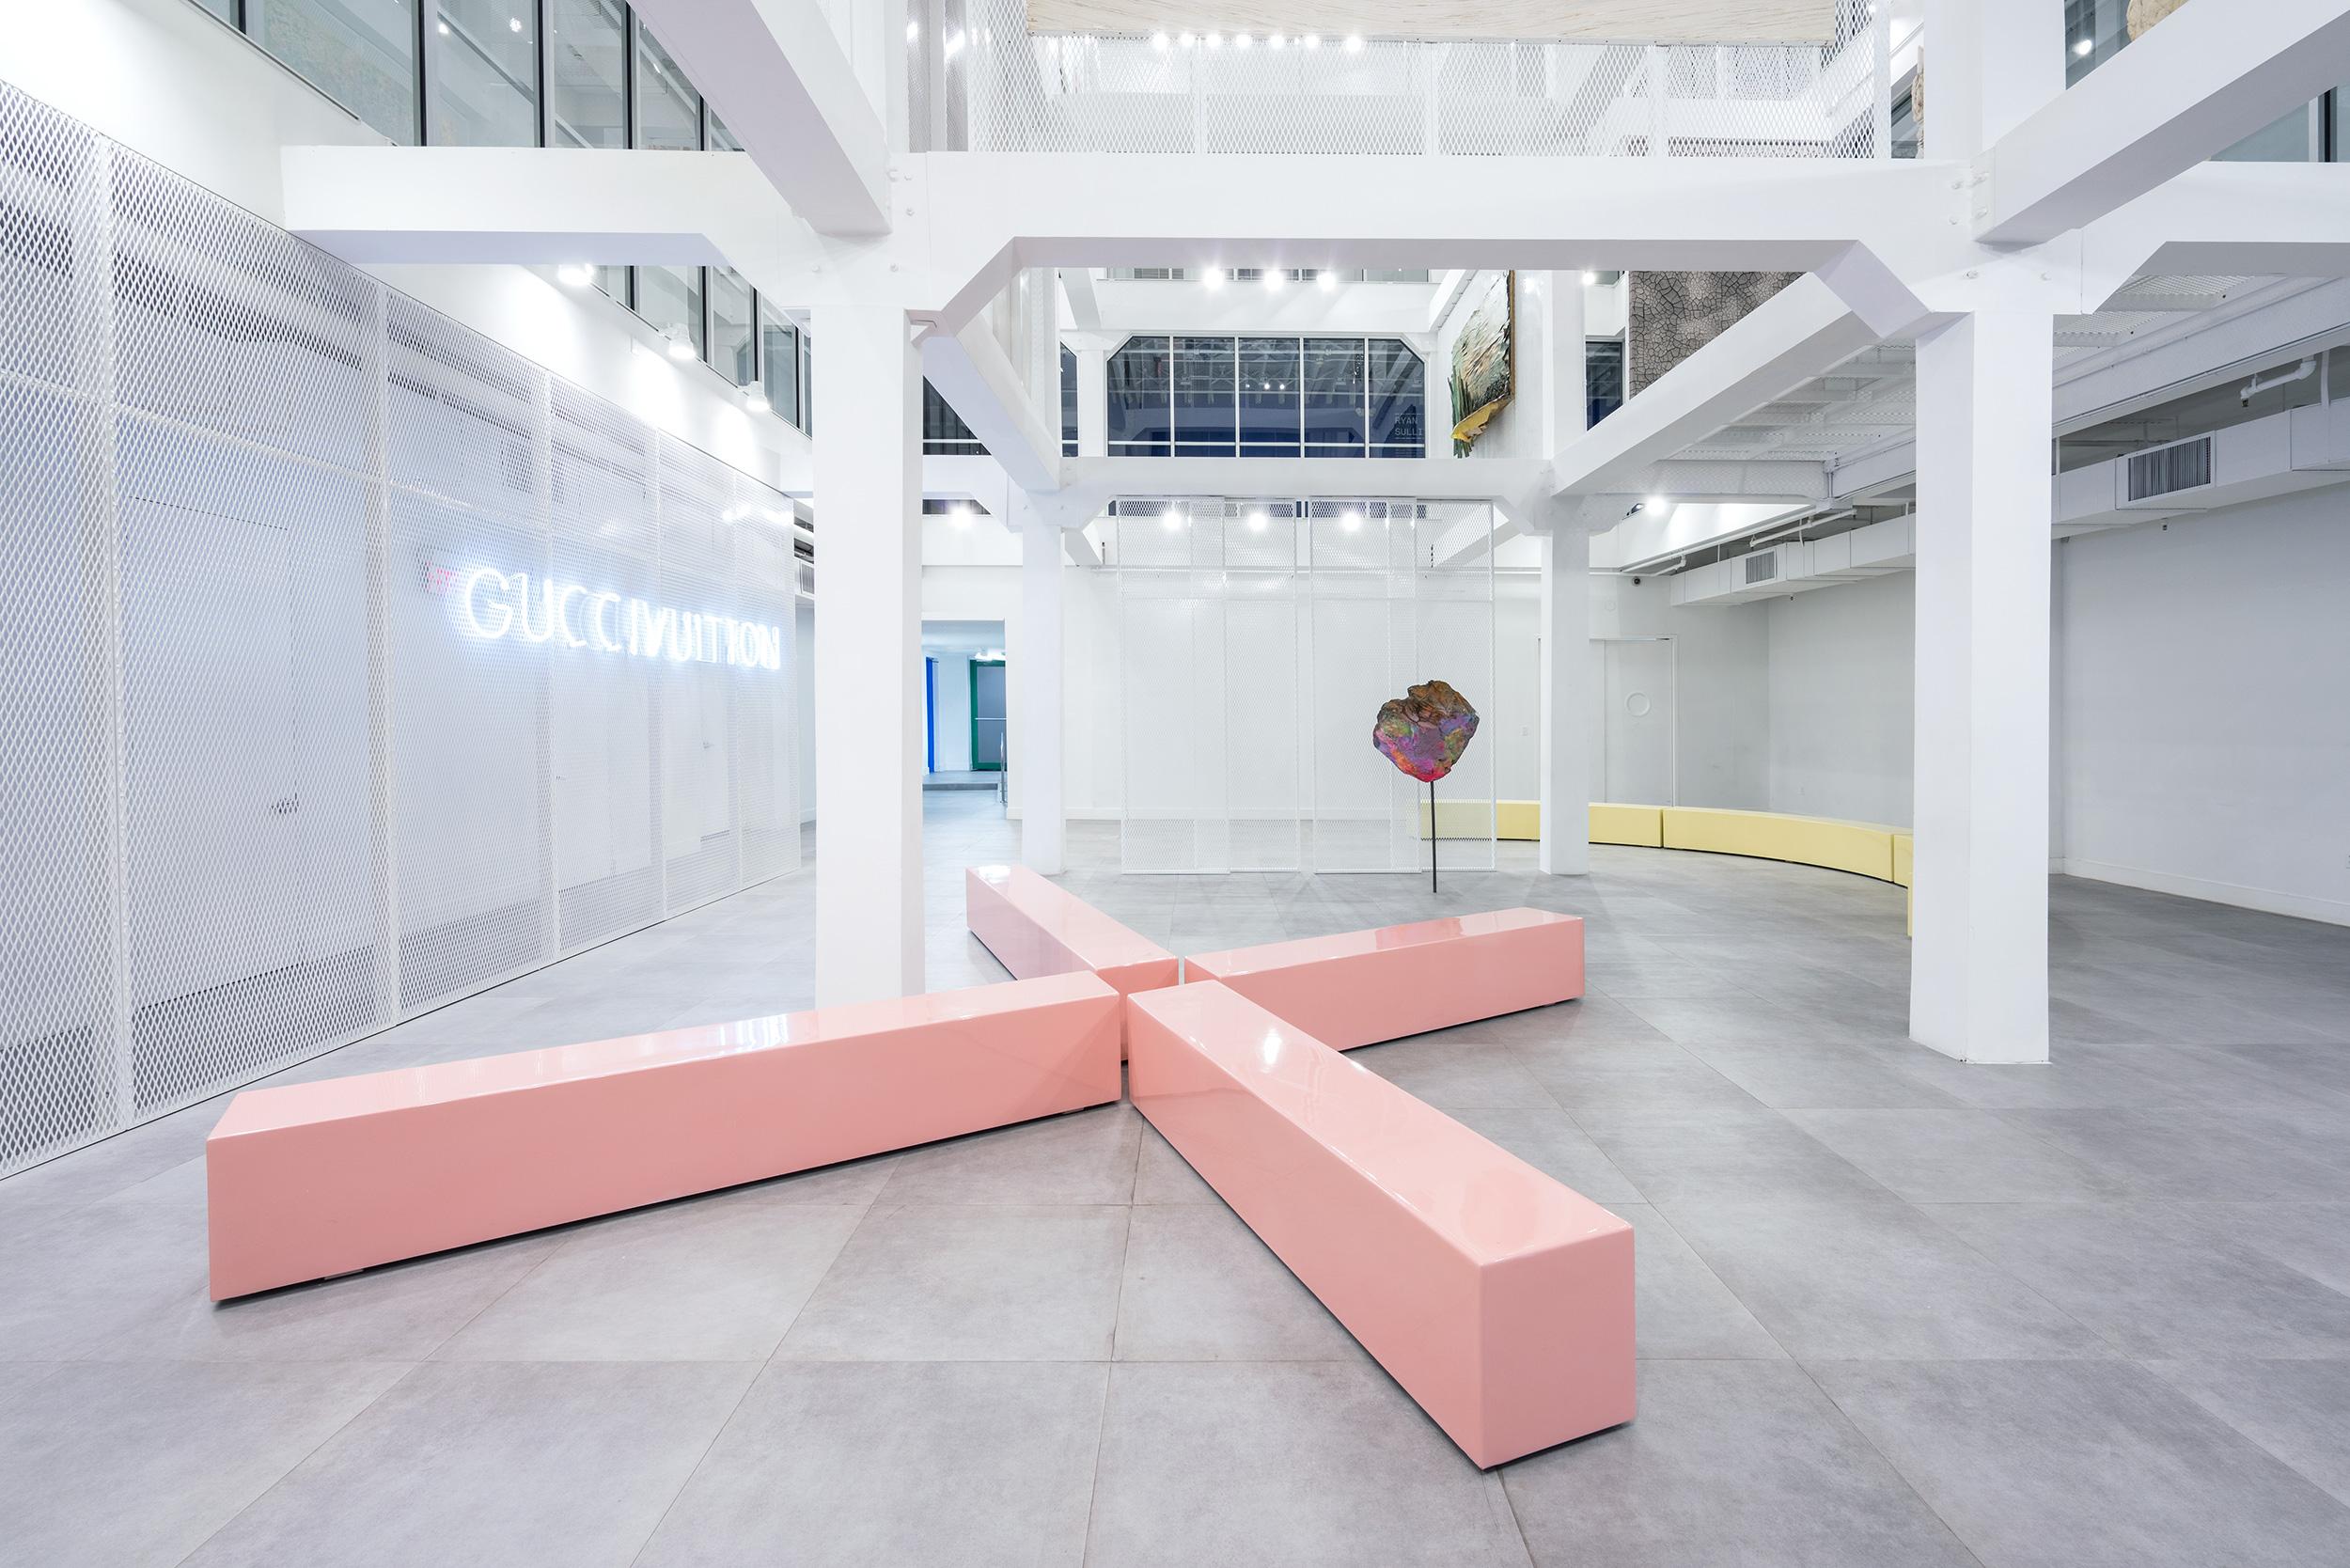 Guccivuitton at ICA Miami